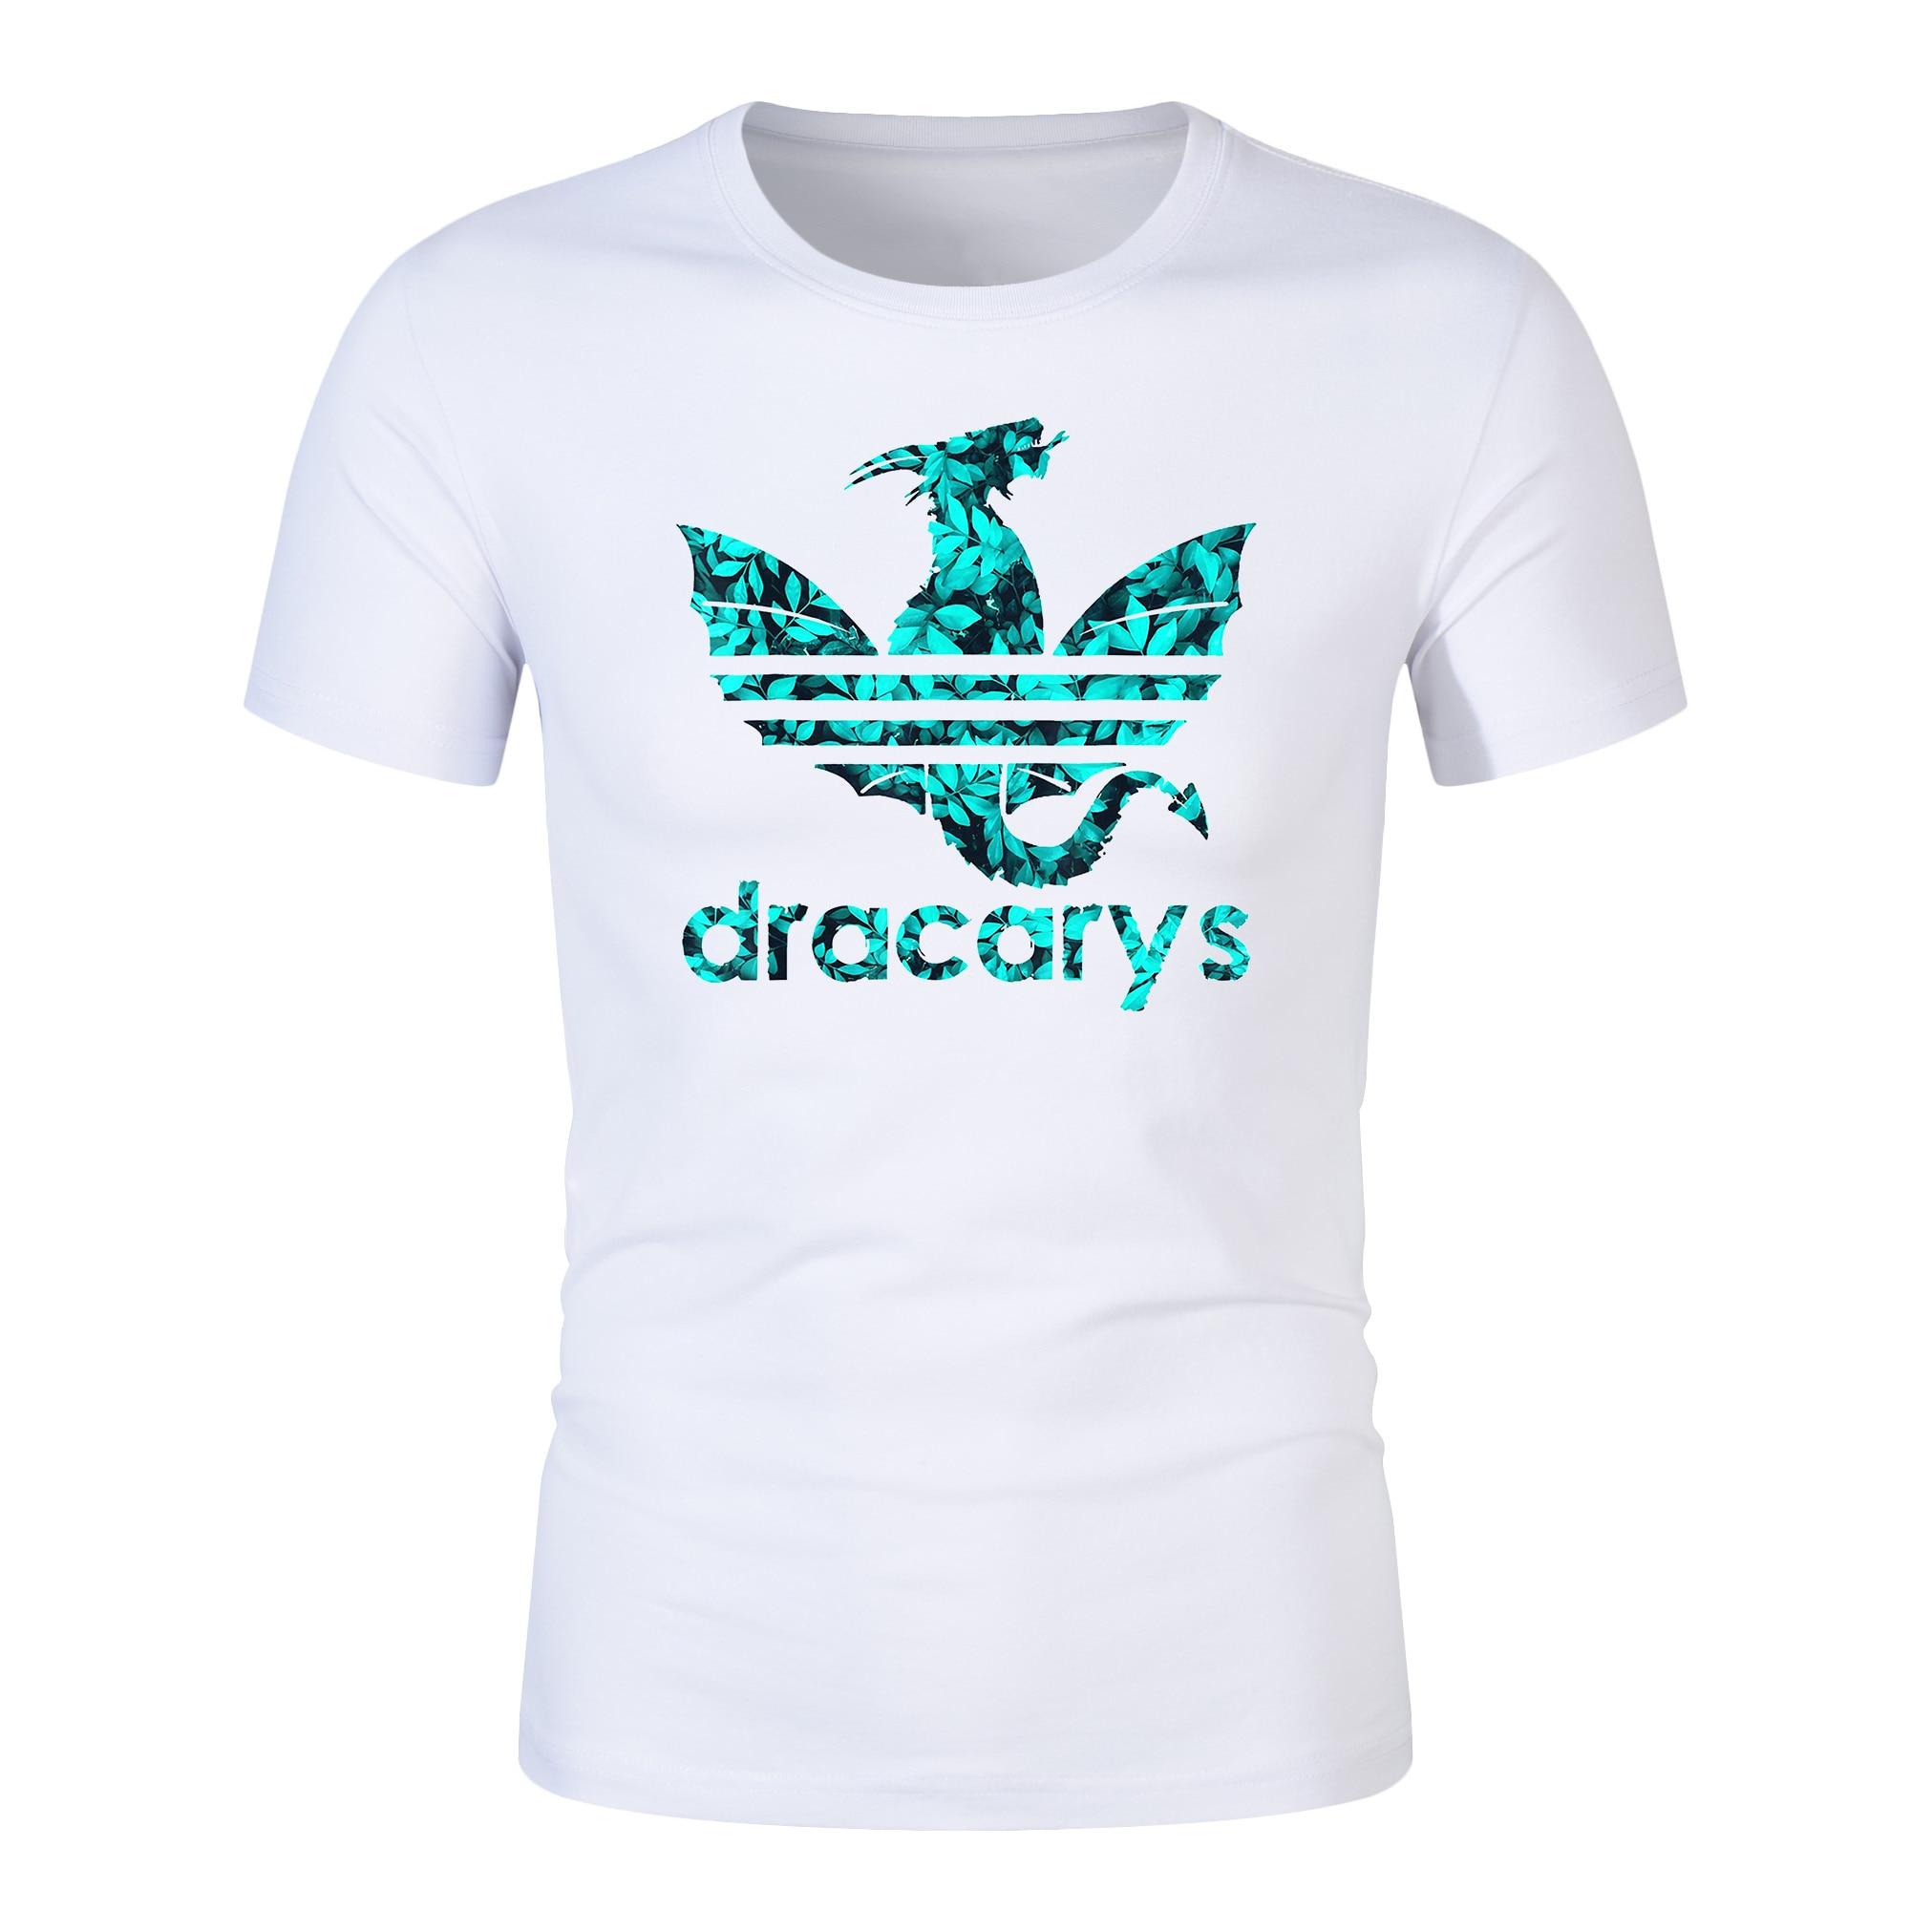 Dracarys Tshirt Brand Shirt Game Of Thrones T Shirt Harajuku Vintage T Shirt Camiseta Hombre Tshirt Men Women Dracarys Shirt